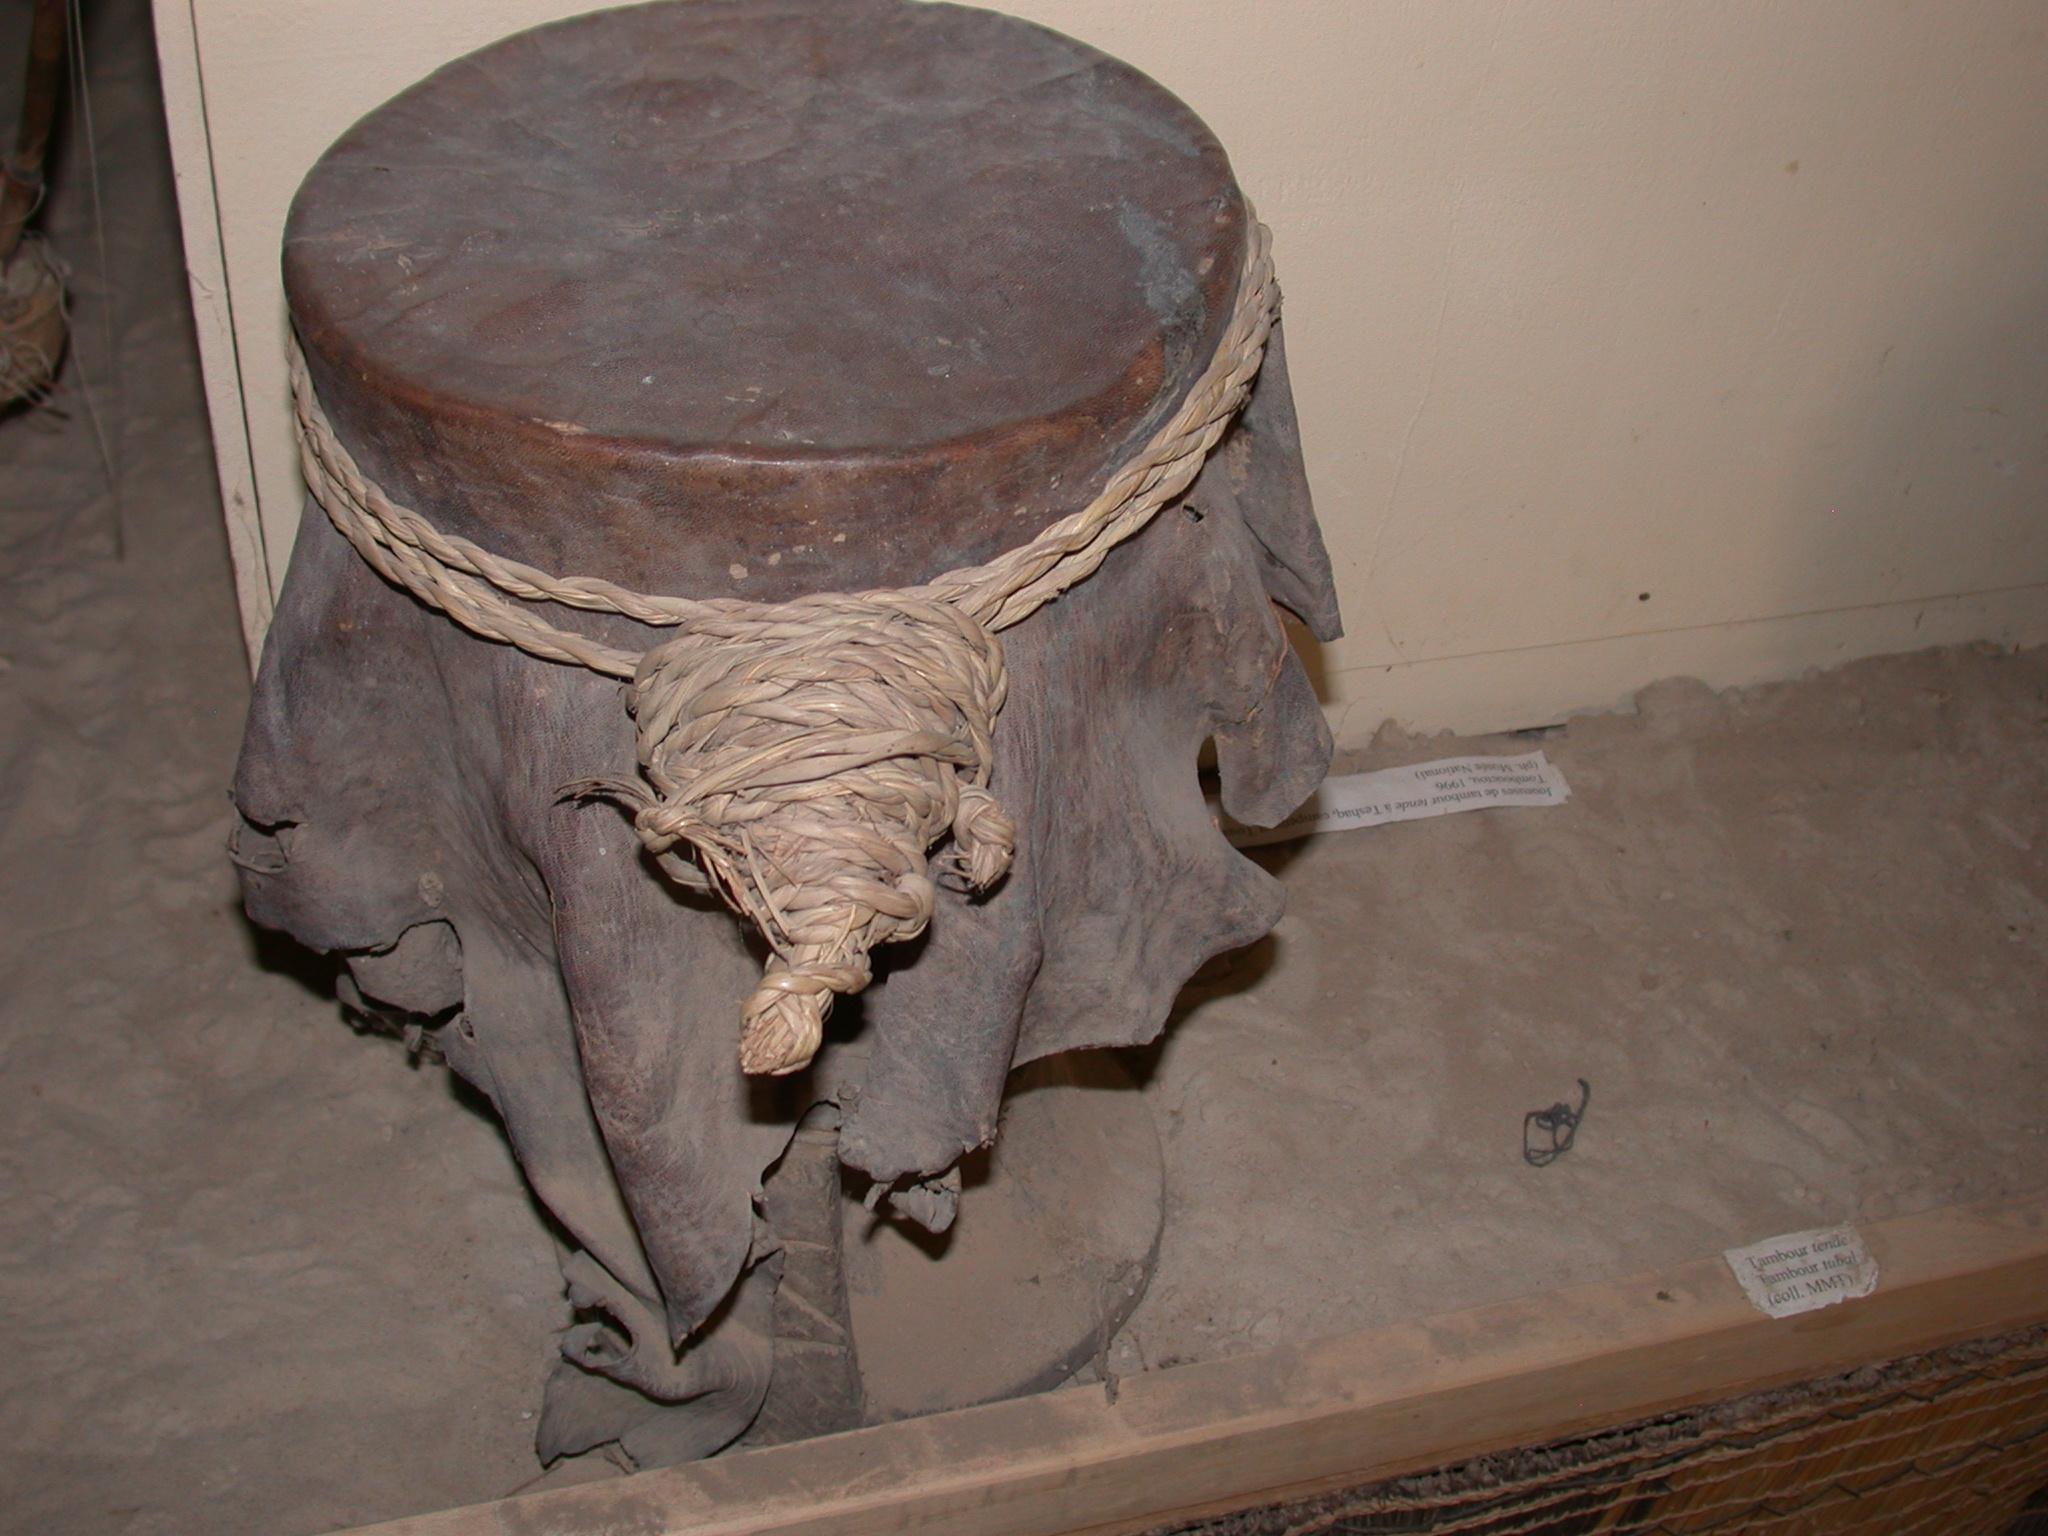 Tende Drum, Timbuktu Ethnological Museum, Timbuktu, Mali